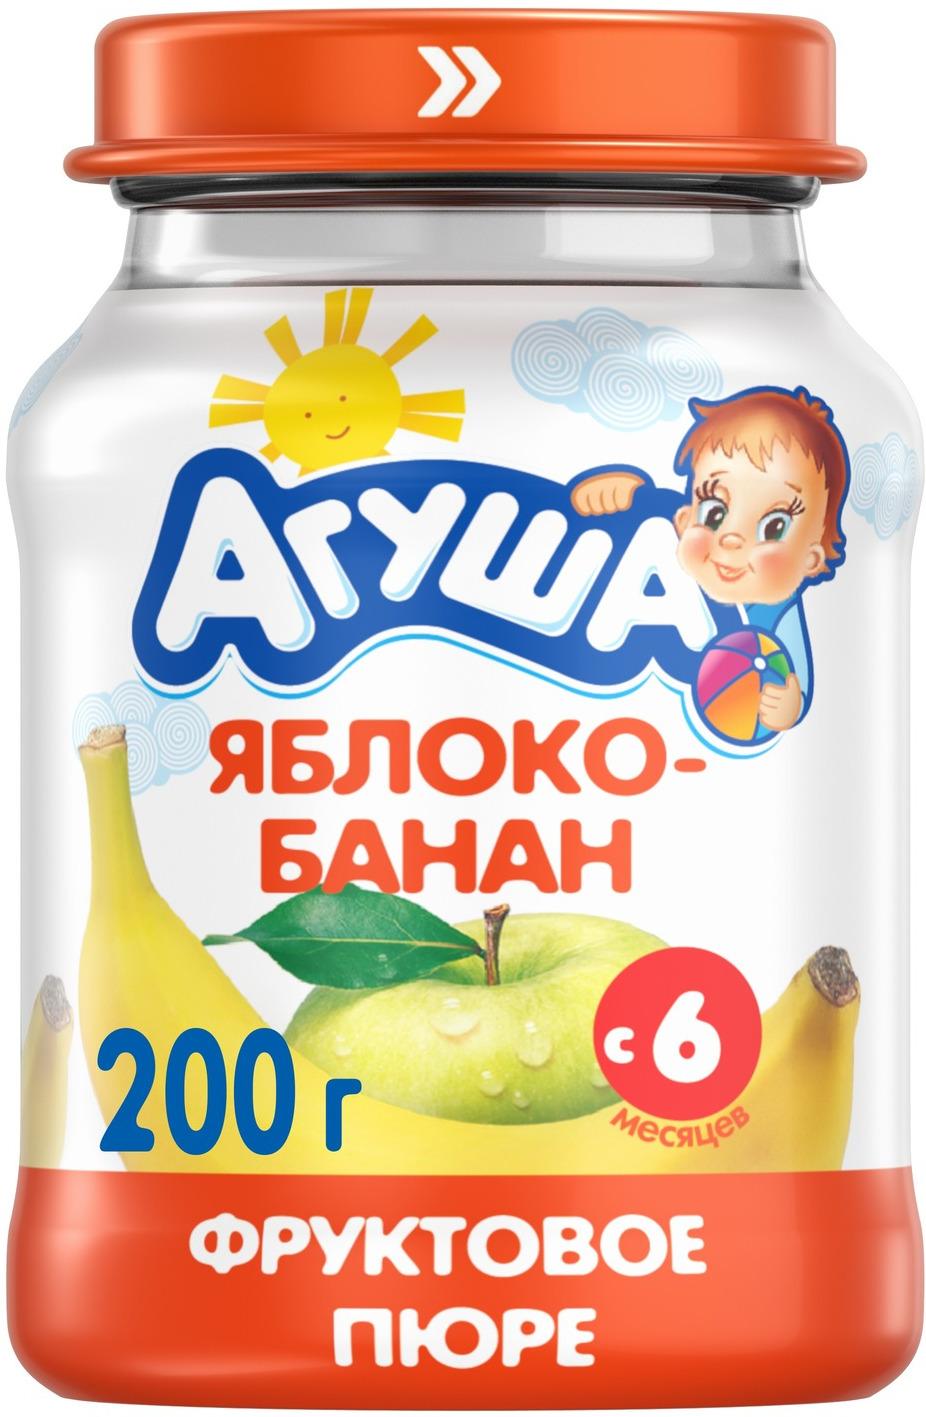 Пюре фруктовое с 6 месяцев Агуша Яблоко-Банан, 200 г